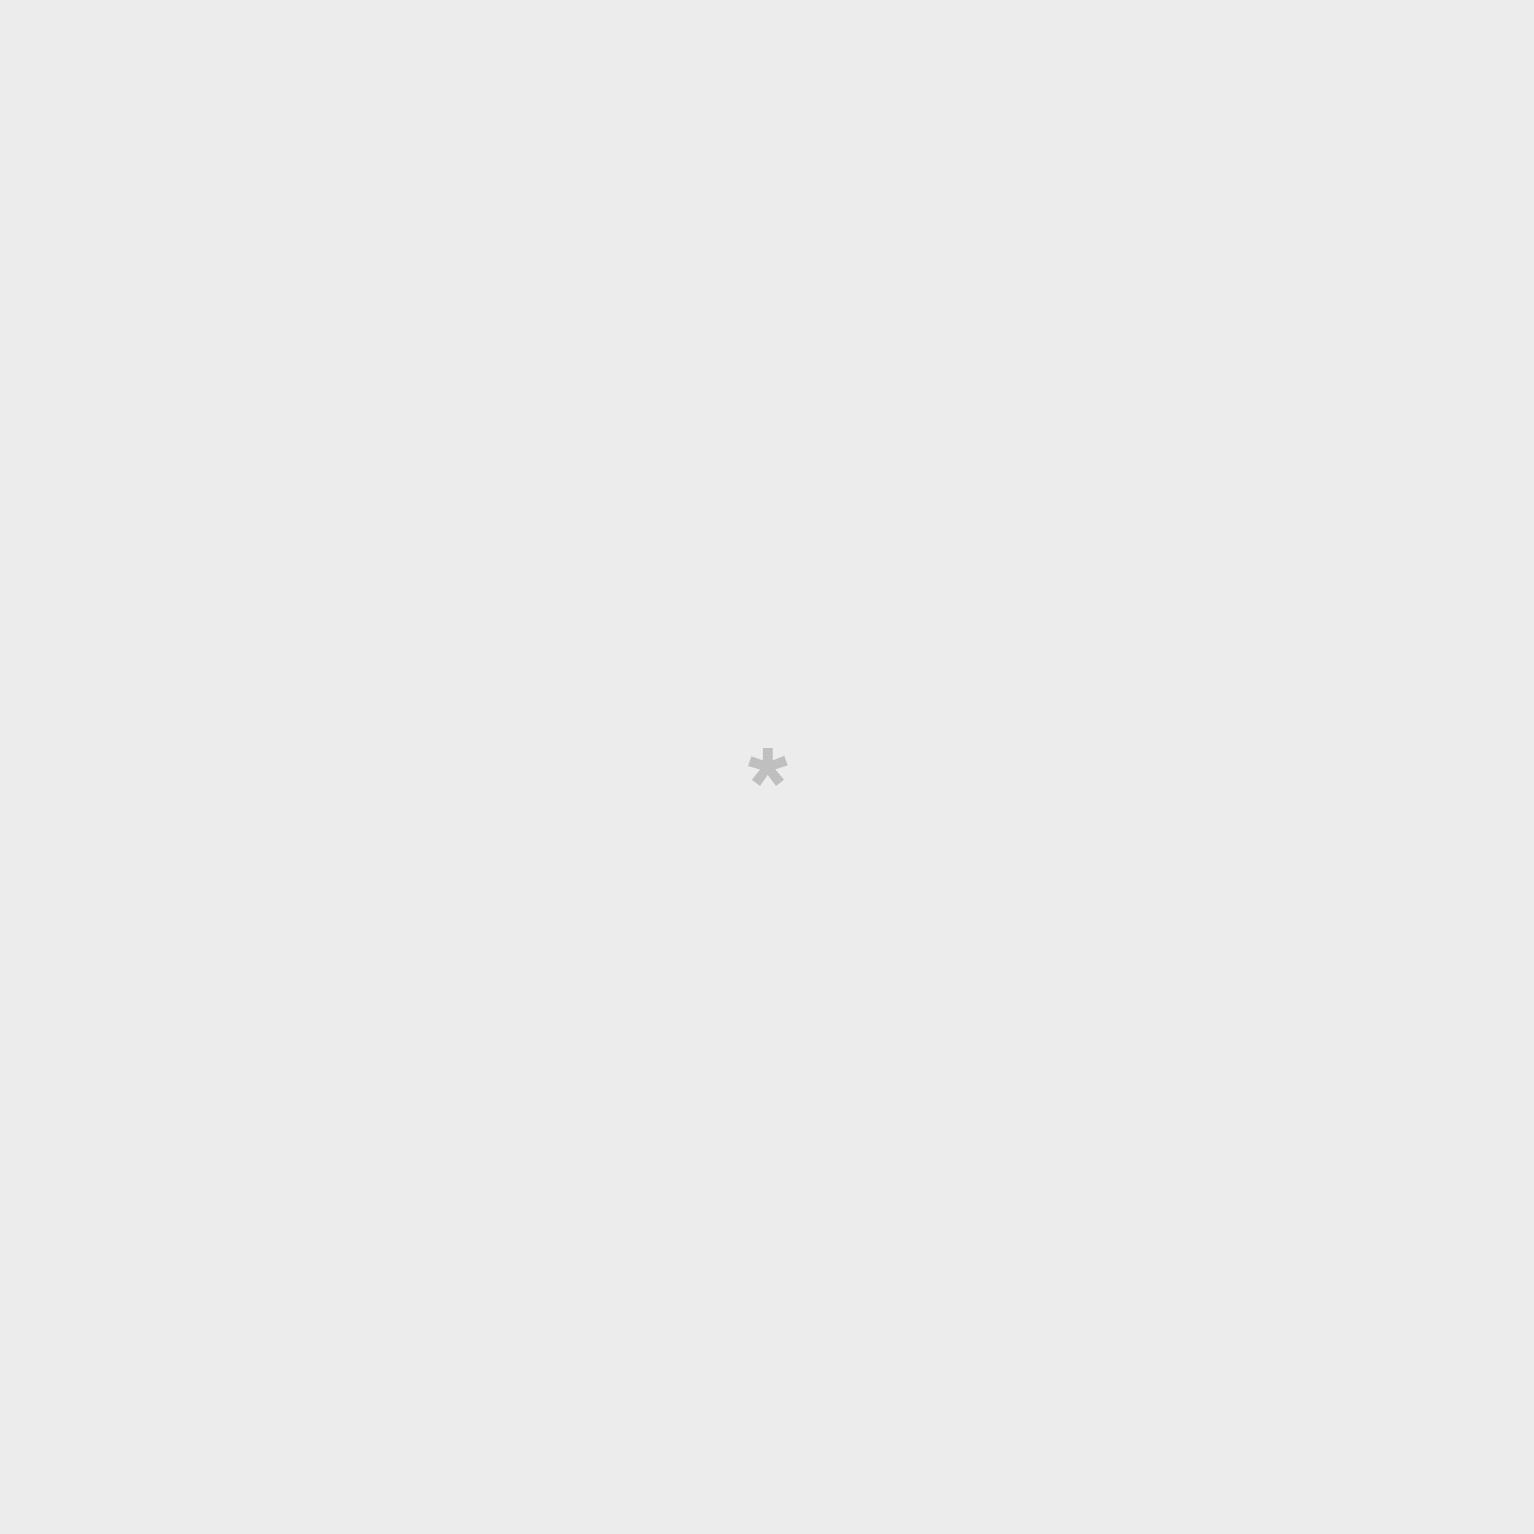 Calendario de pared rasca-rasca - 2022 va a ser genial